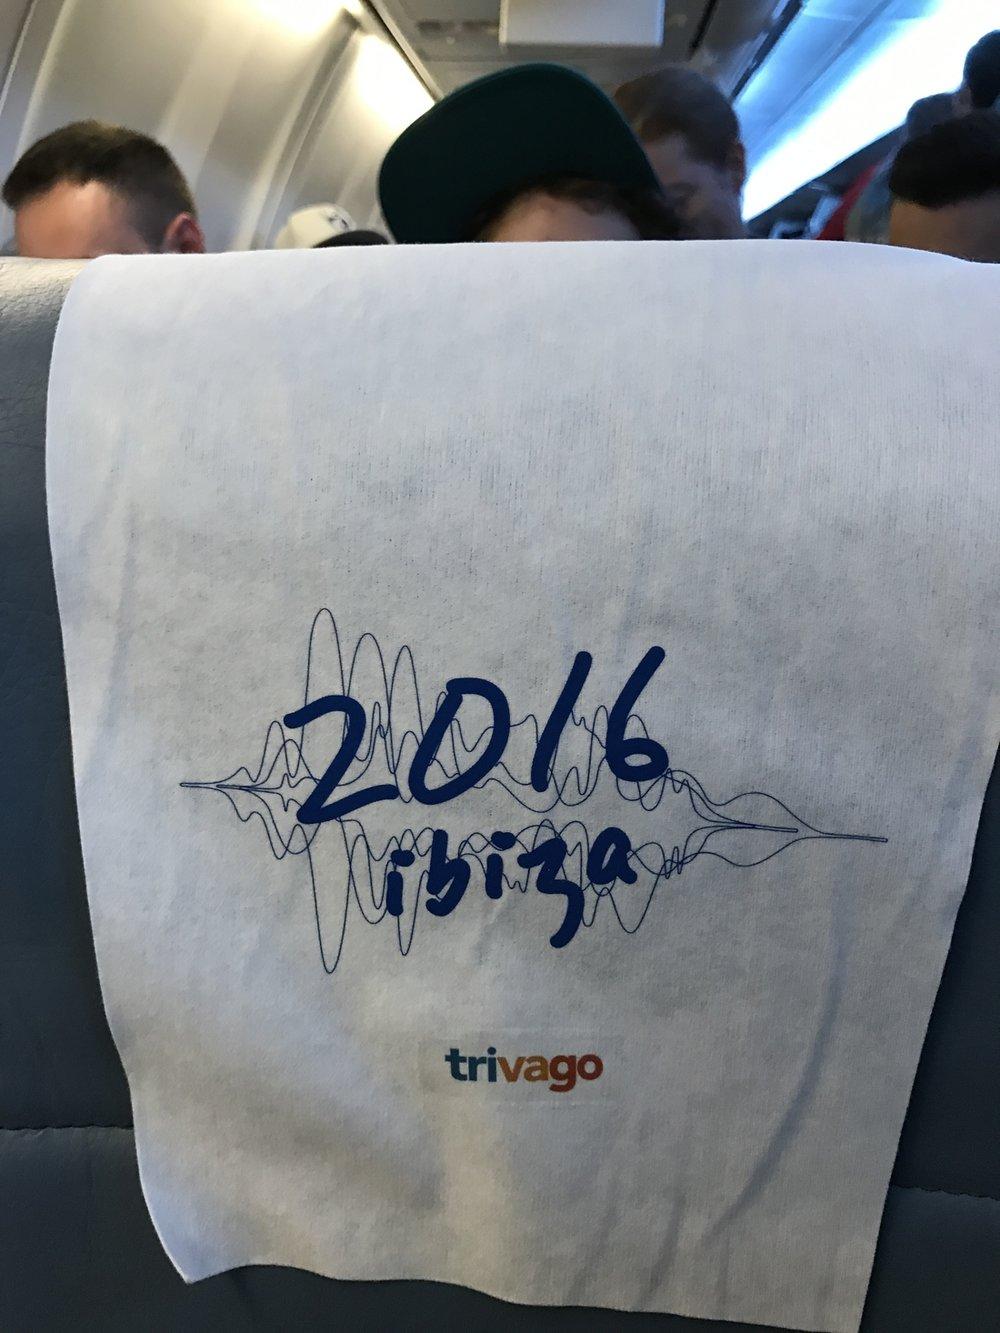 trivago on tour ibiza airplane